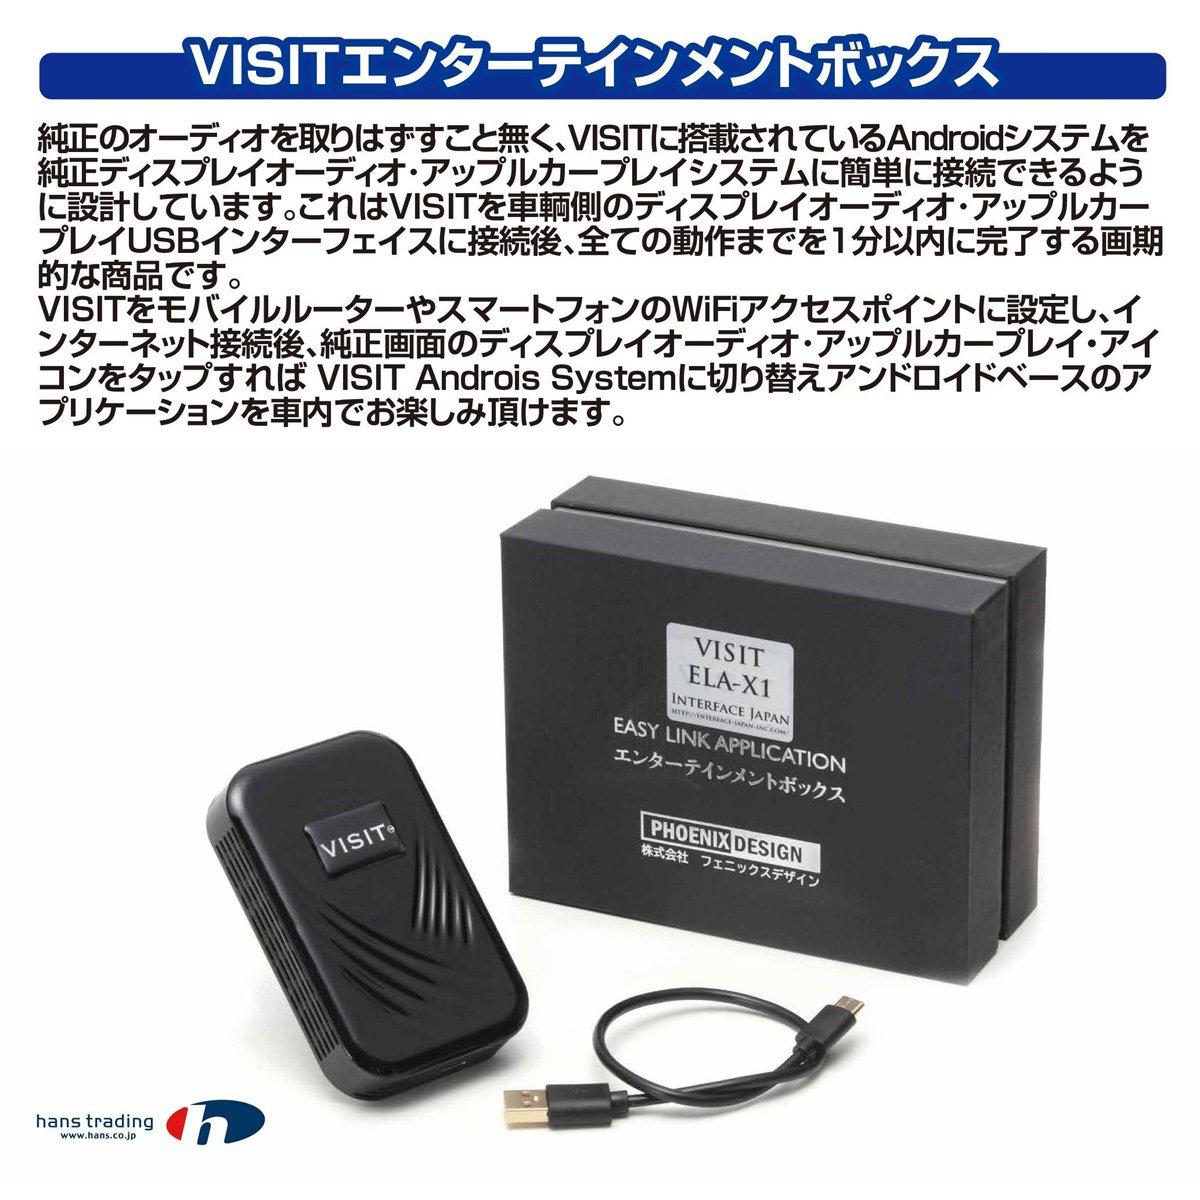 ※旧バージョン 【VISIT】 ヴィジット エンターテイメントボックス ELA-X1 4GB